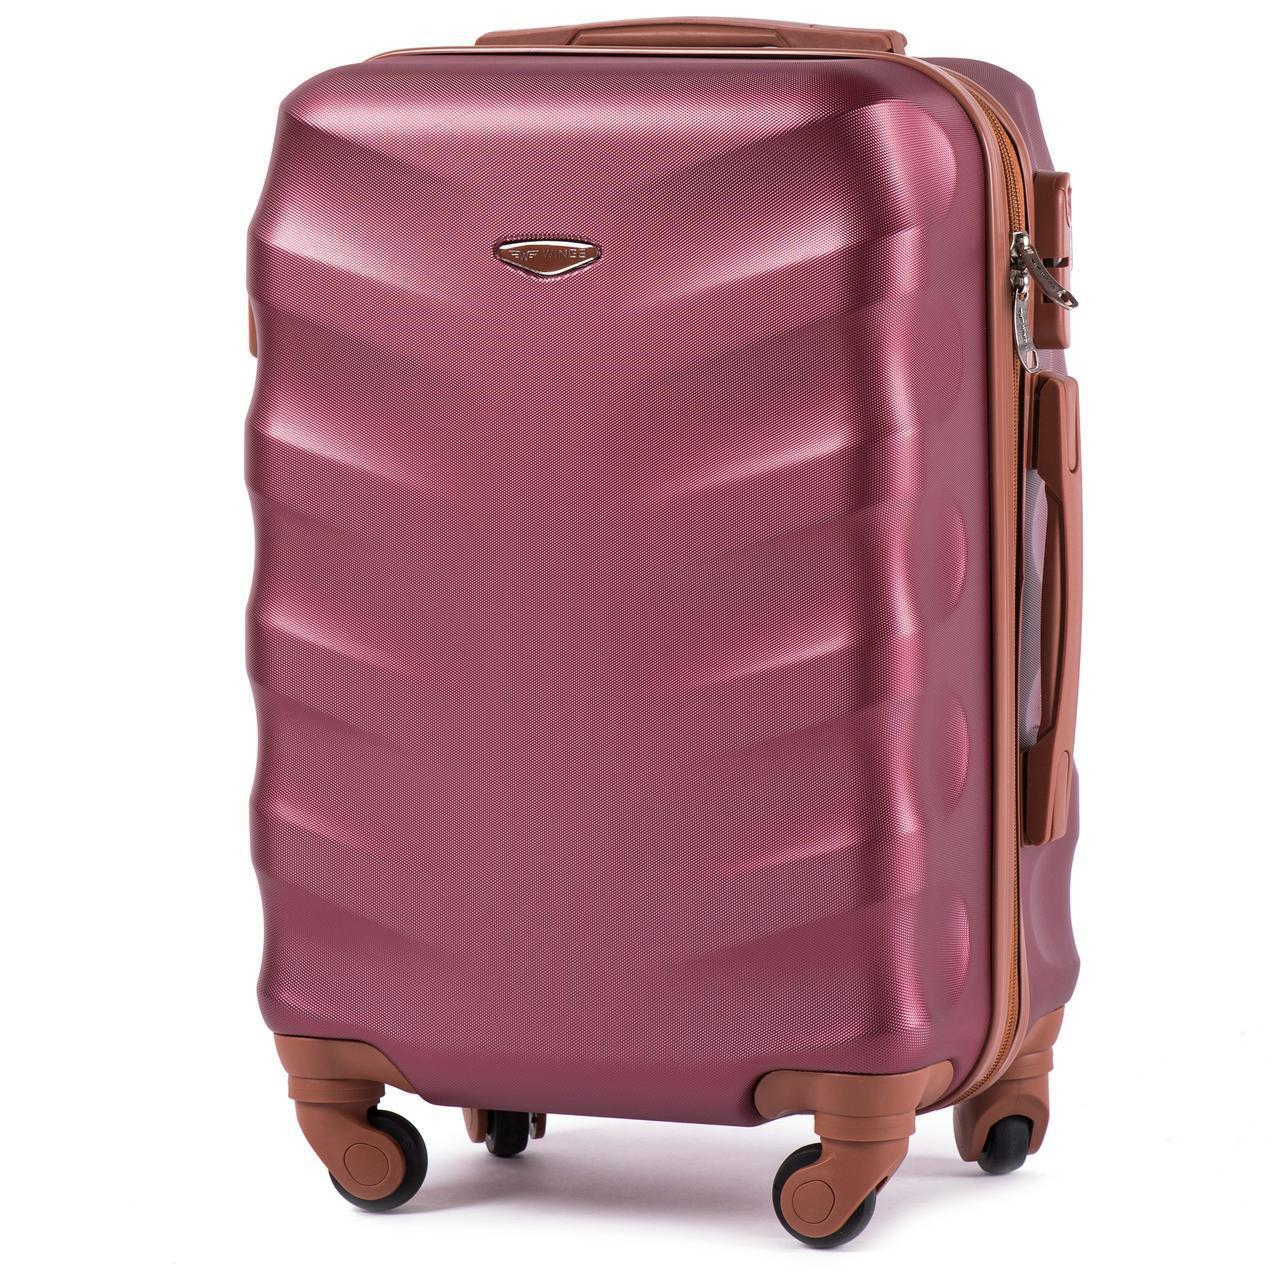 Дорожный чемодан на колесах WINGS 402 Exlusive из поликарбоната ручная кладь